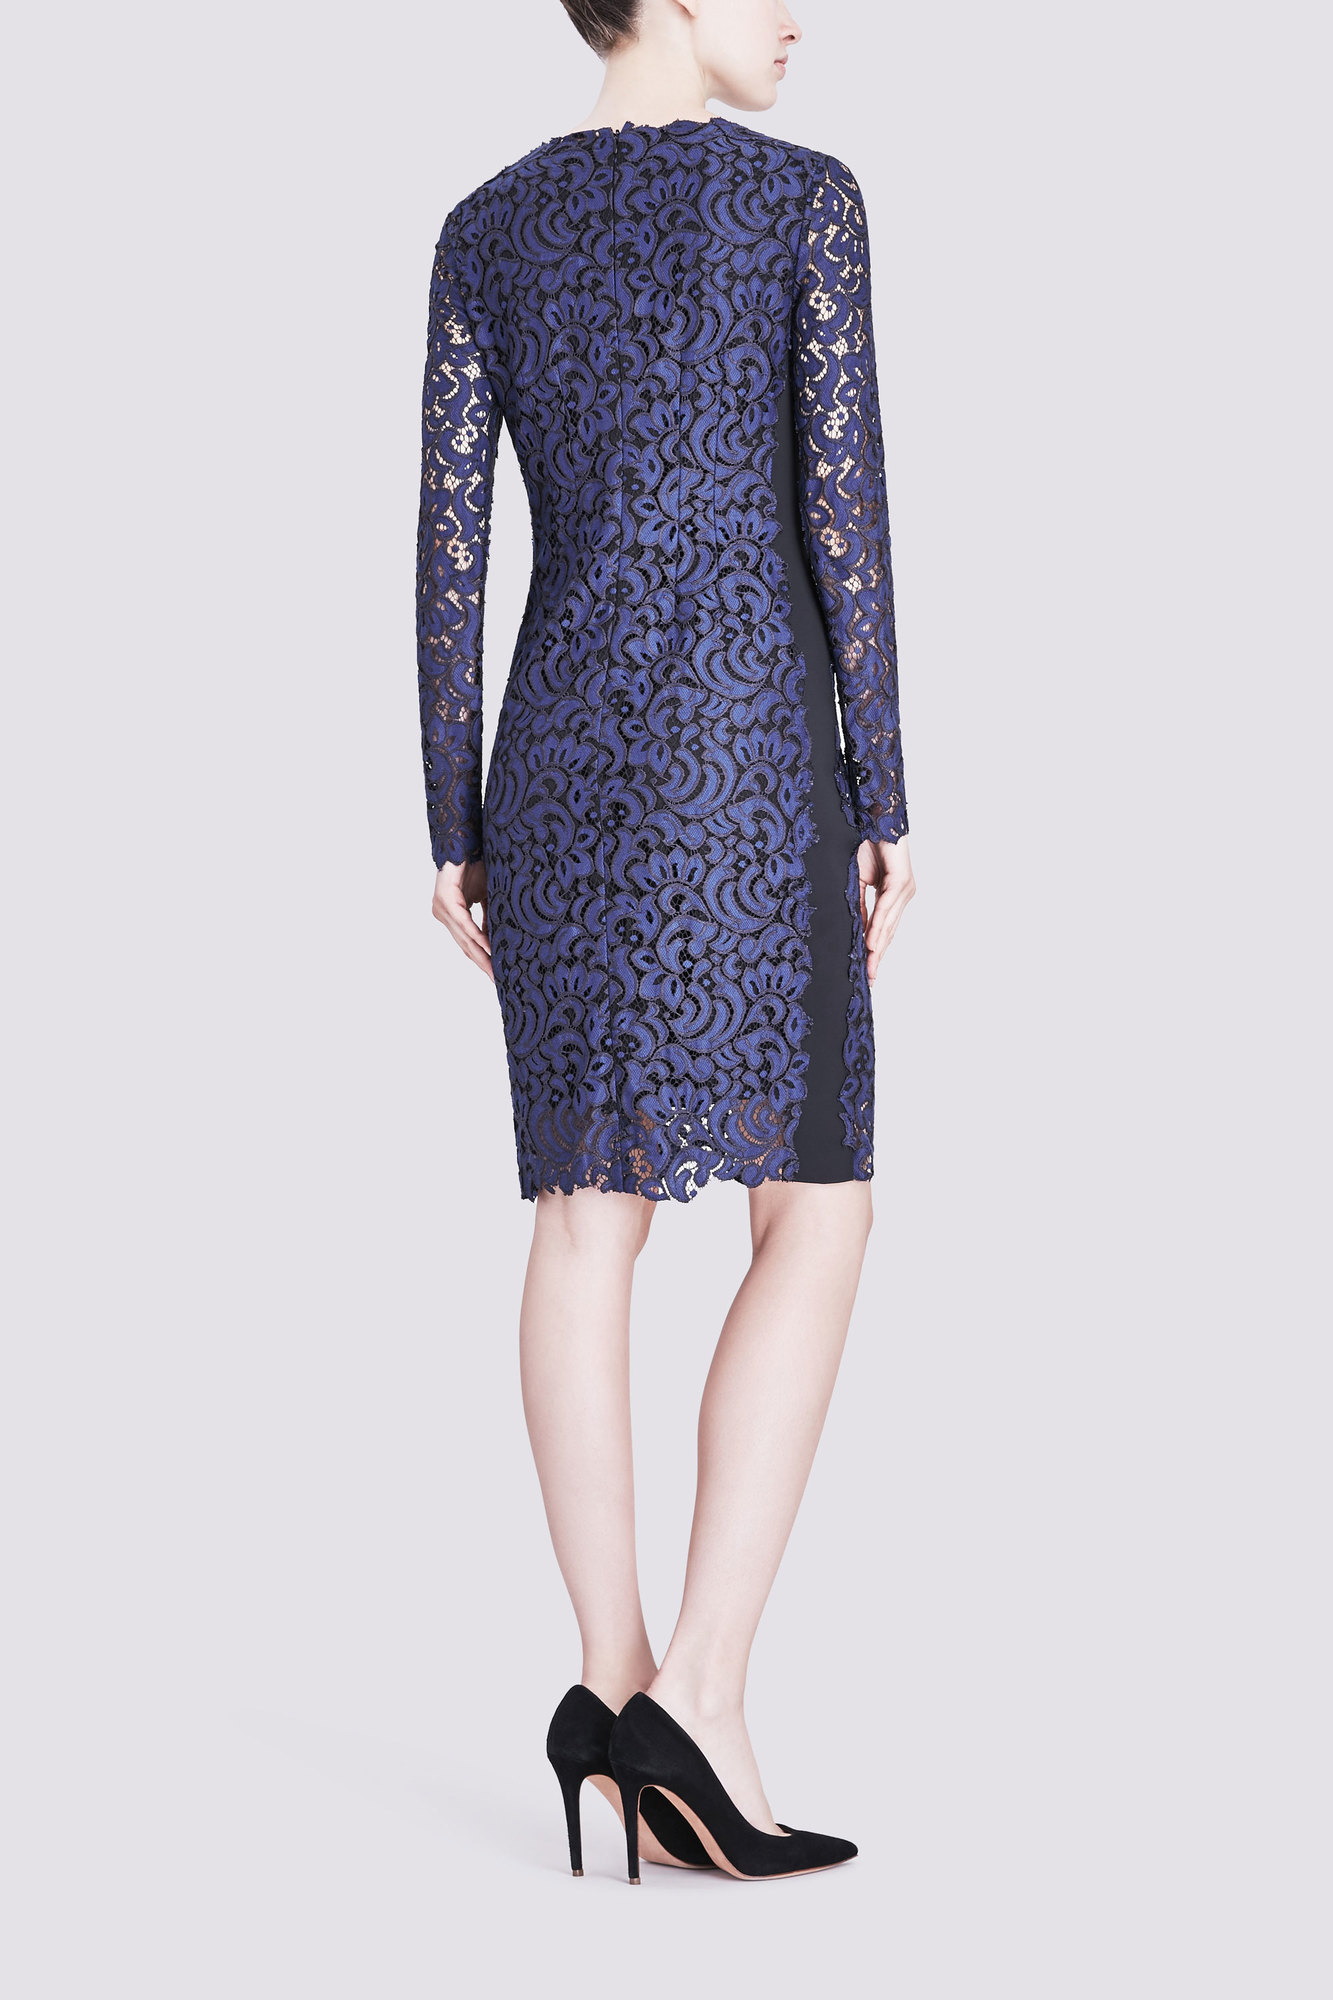 Elie Tahari Bellamy Dress In Crochet Lace In Blue Lyst